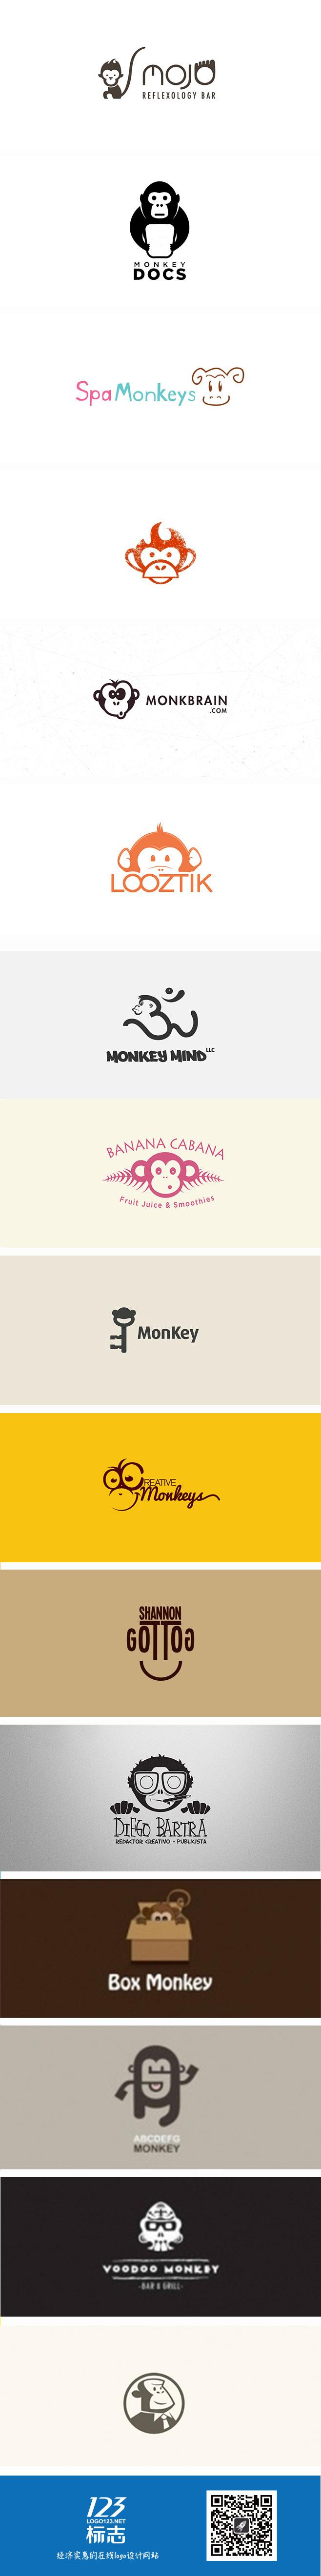 猴子元素logo设计集锦1